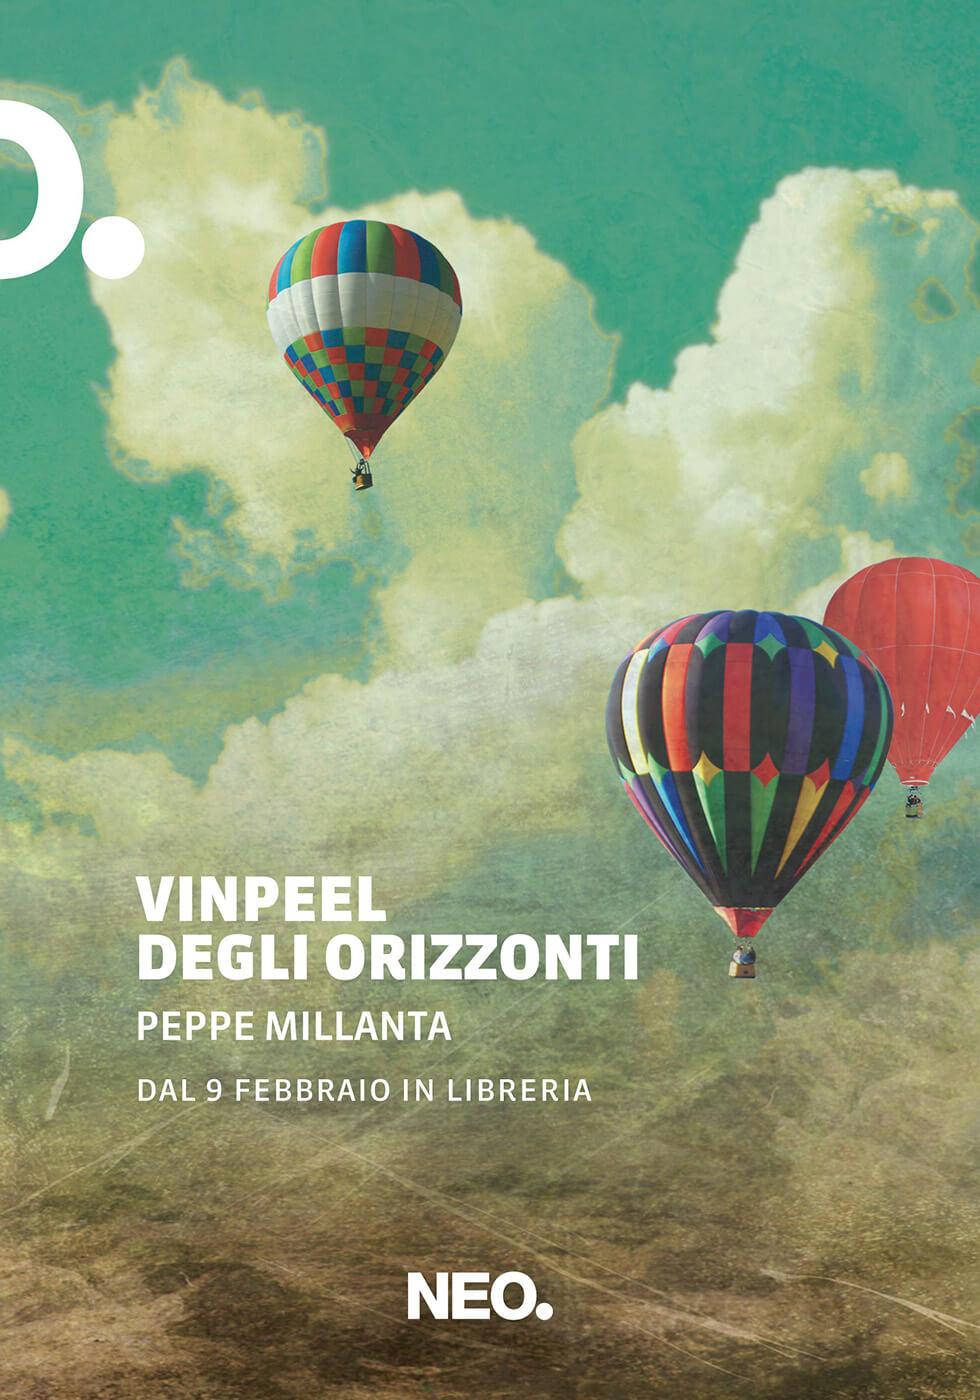 Vinpeel degli orizzonti - Peppe Millanta - Recensione